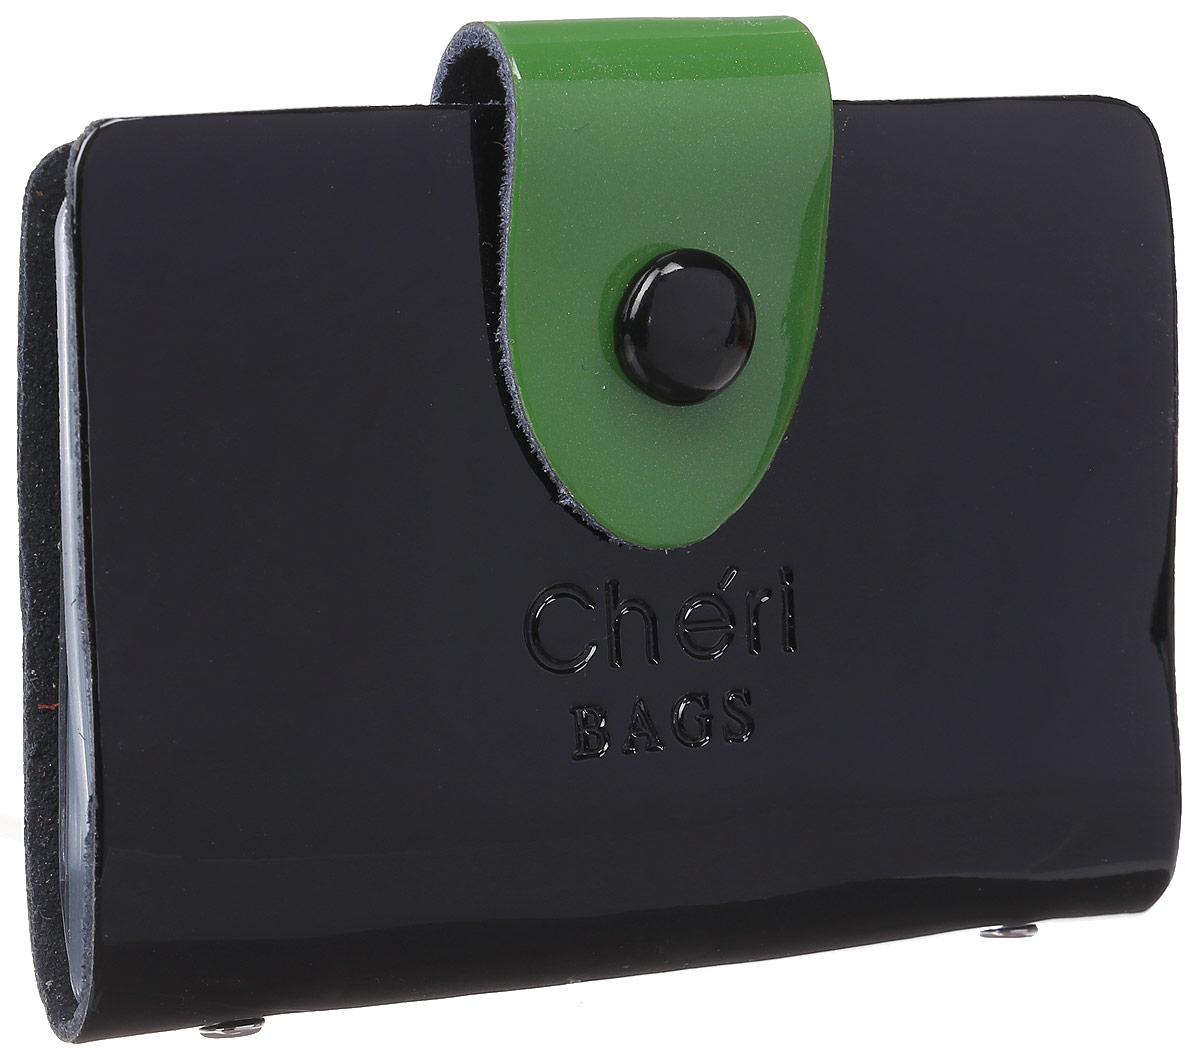 Визитница женская Cheribags, цвет: черный, зеленый. V-0499-10V-0499-10Визитница Cheribags выполнена из натуральной лаковой кожи и оформлена тисненой надписью с названием бренда. Изделие закрывается хлястиком на кнопку. Внутри расположено 26 файлов для визиток и карт.